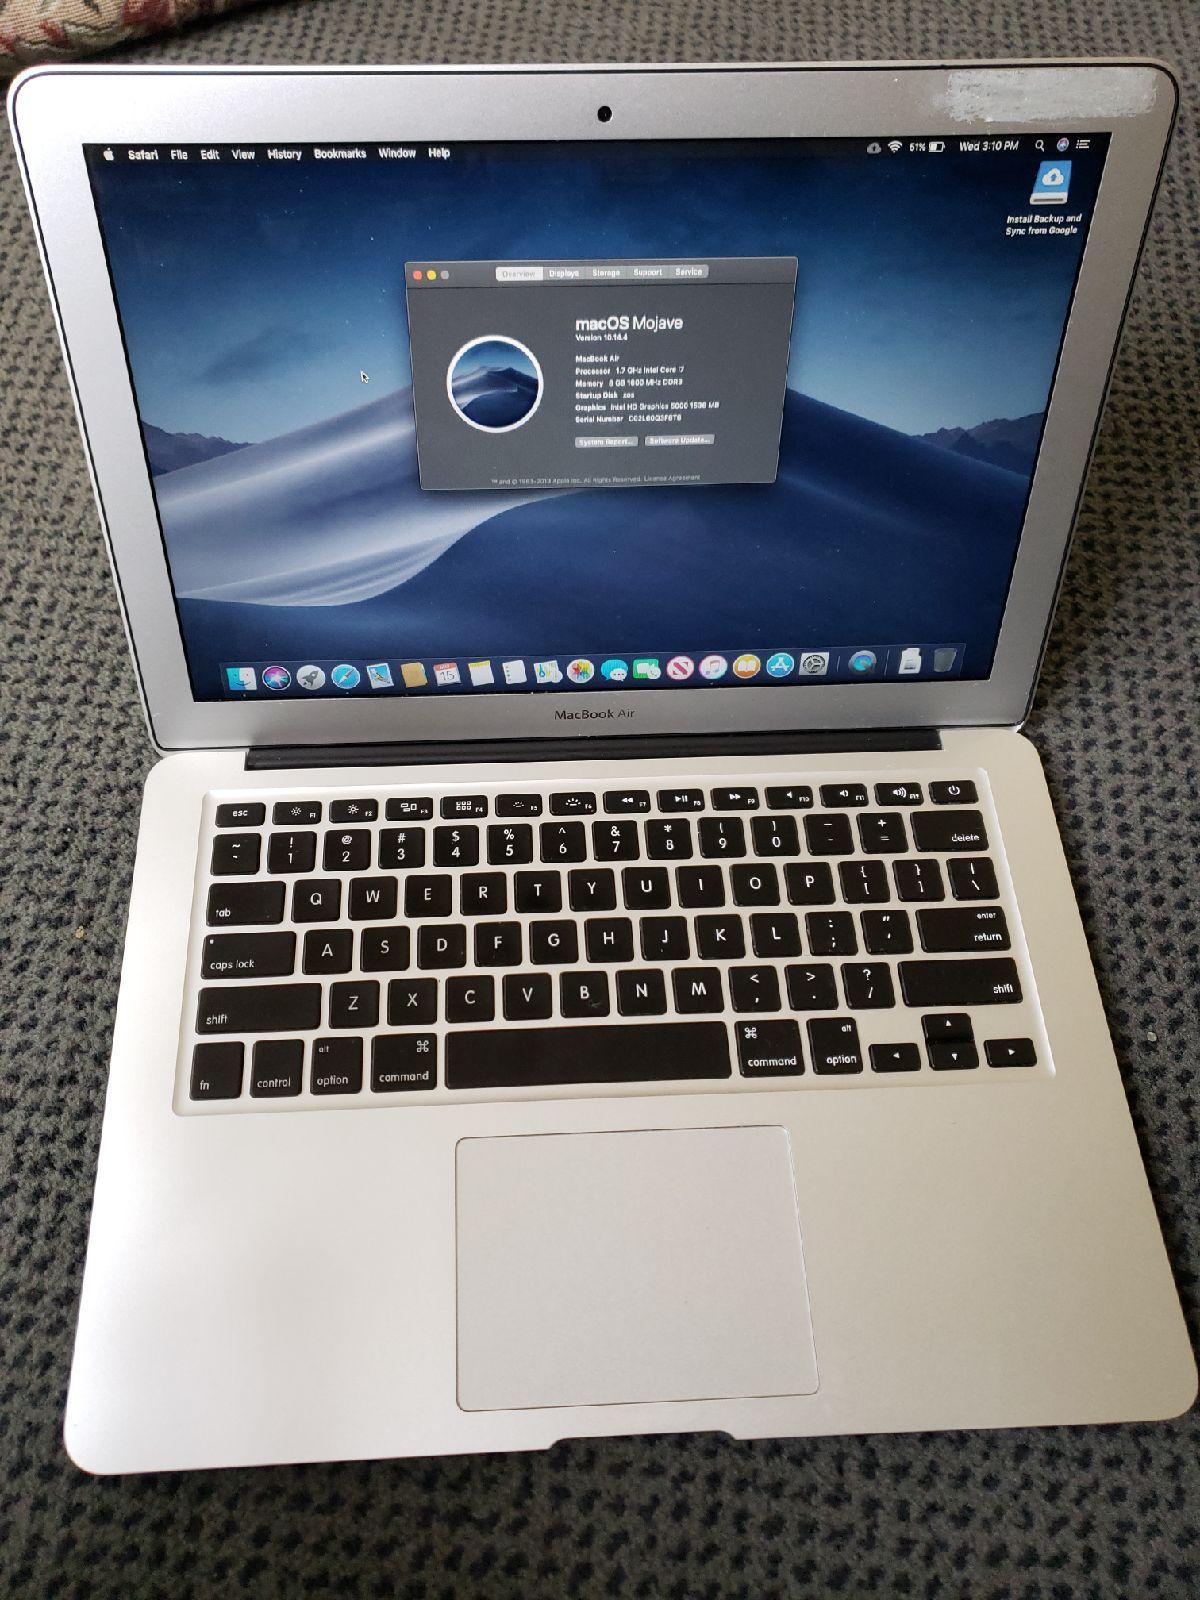 Macbook Air 2013 Core i7 8gb Ram 500gb Storage In very